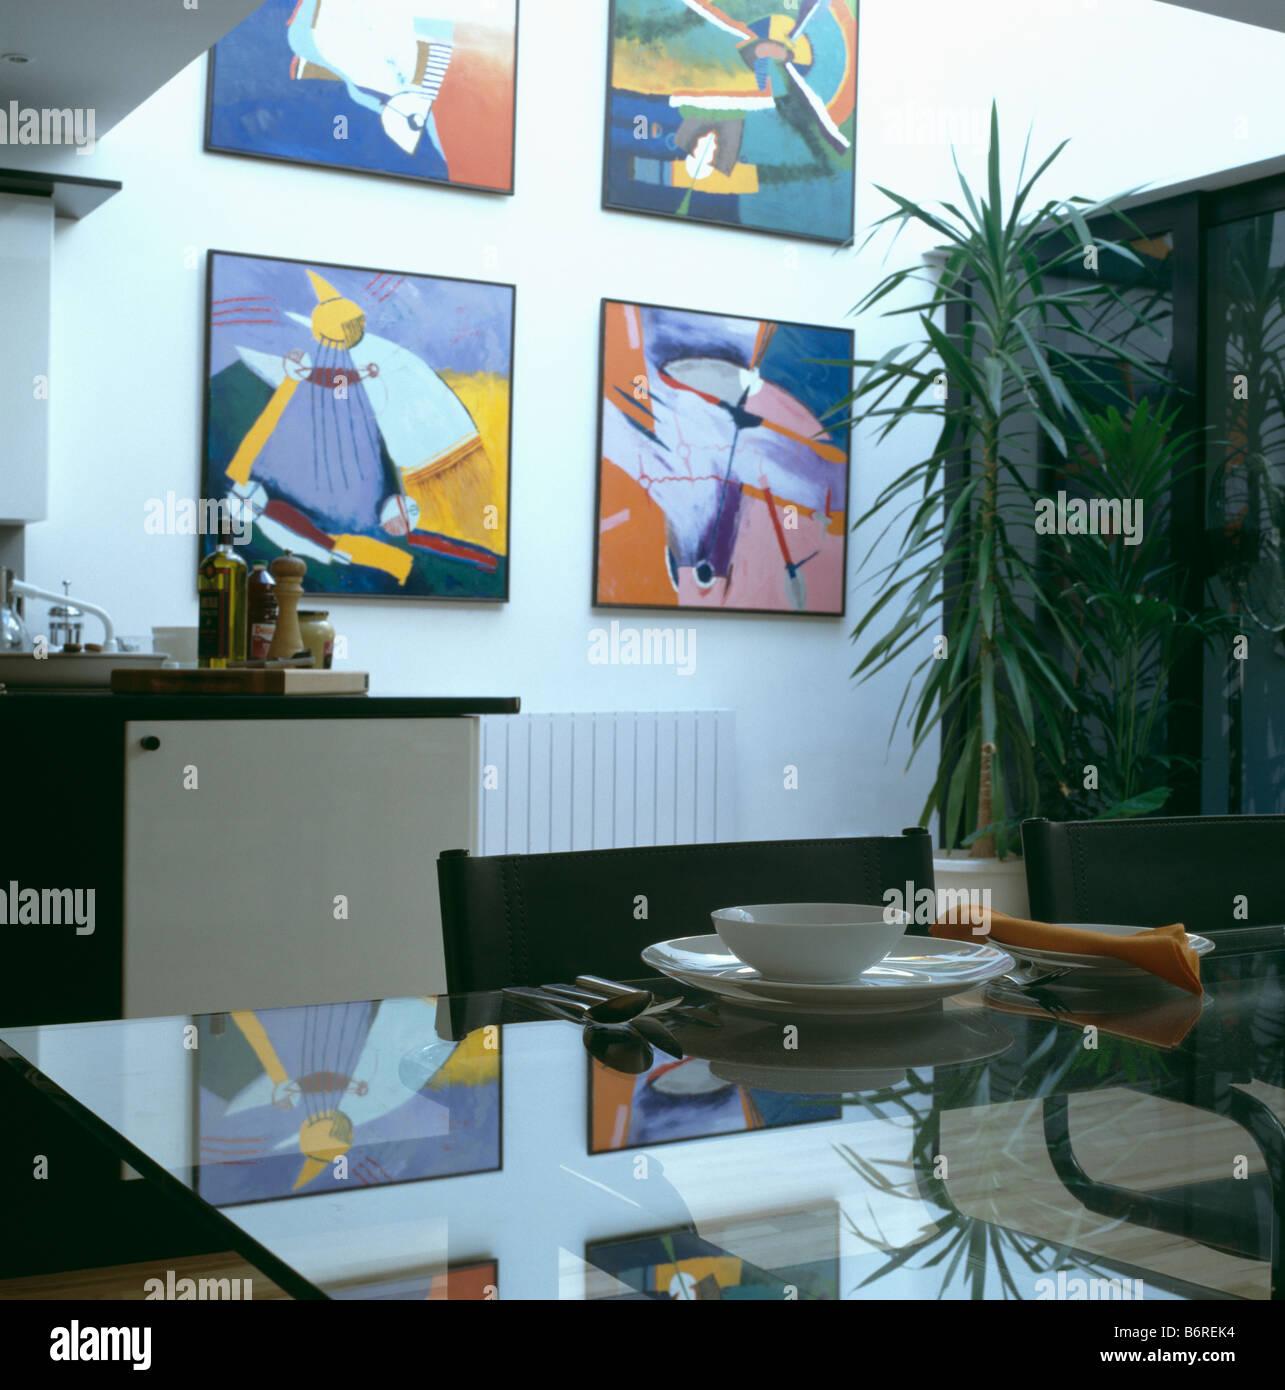 Farbenfrohe Gemalden Spiegelt Sich In Glastisch Im Modernen Weissen